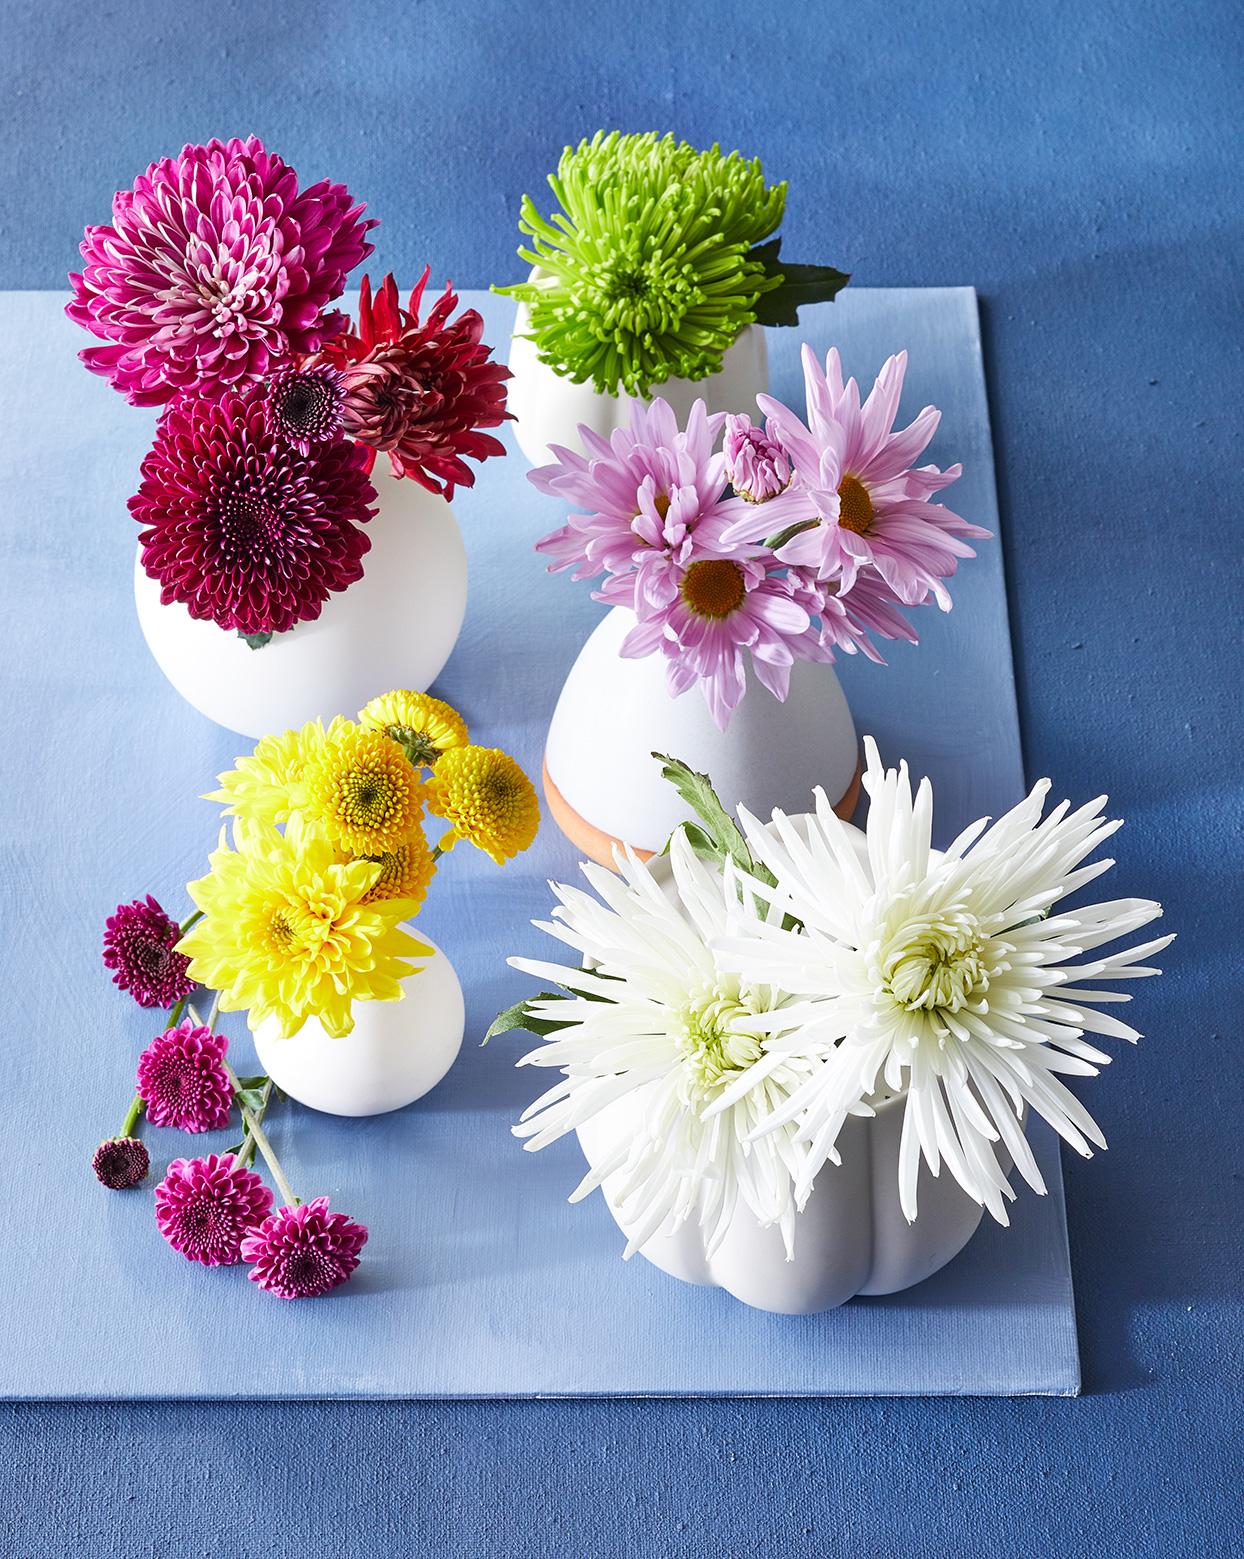 哪些花儿特别适合室内插花?来延续它们的灿烂吧